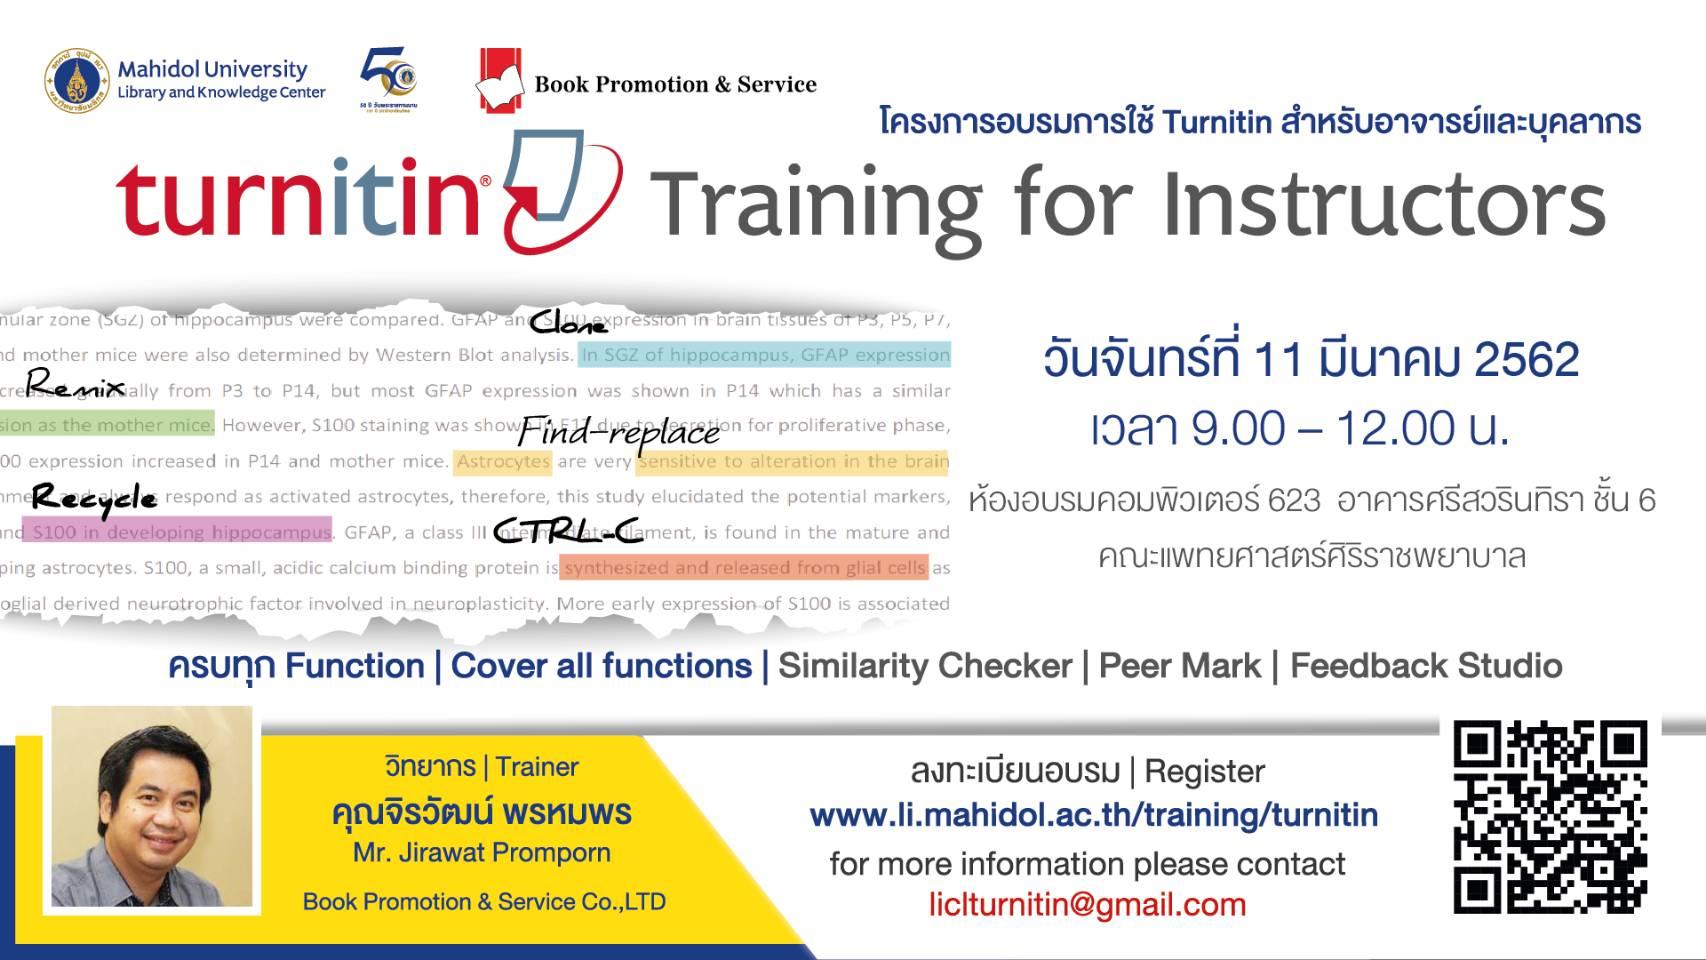 โครงการอบรมการใช้ Turnitin สำหรับอาจารย์และบุคลากร